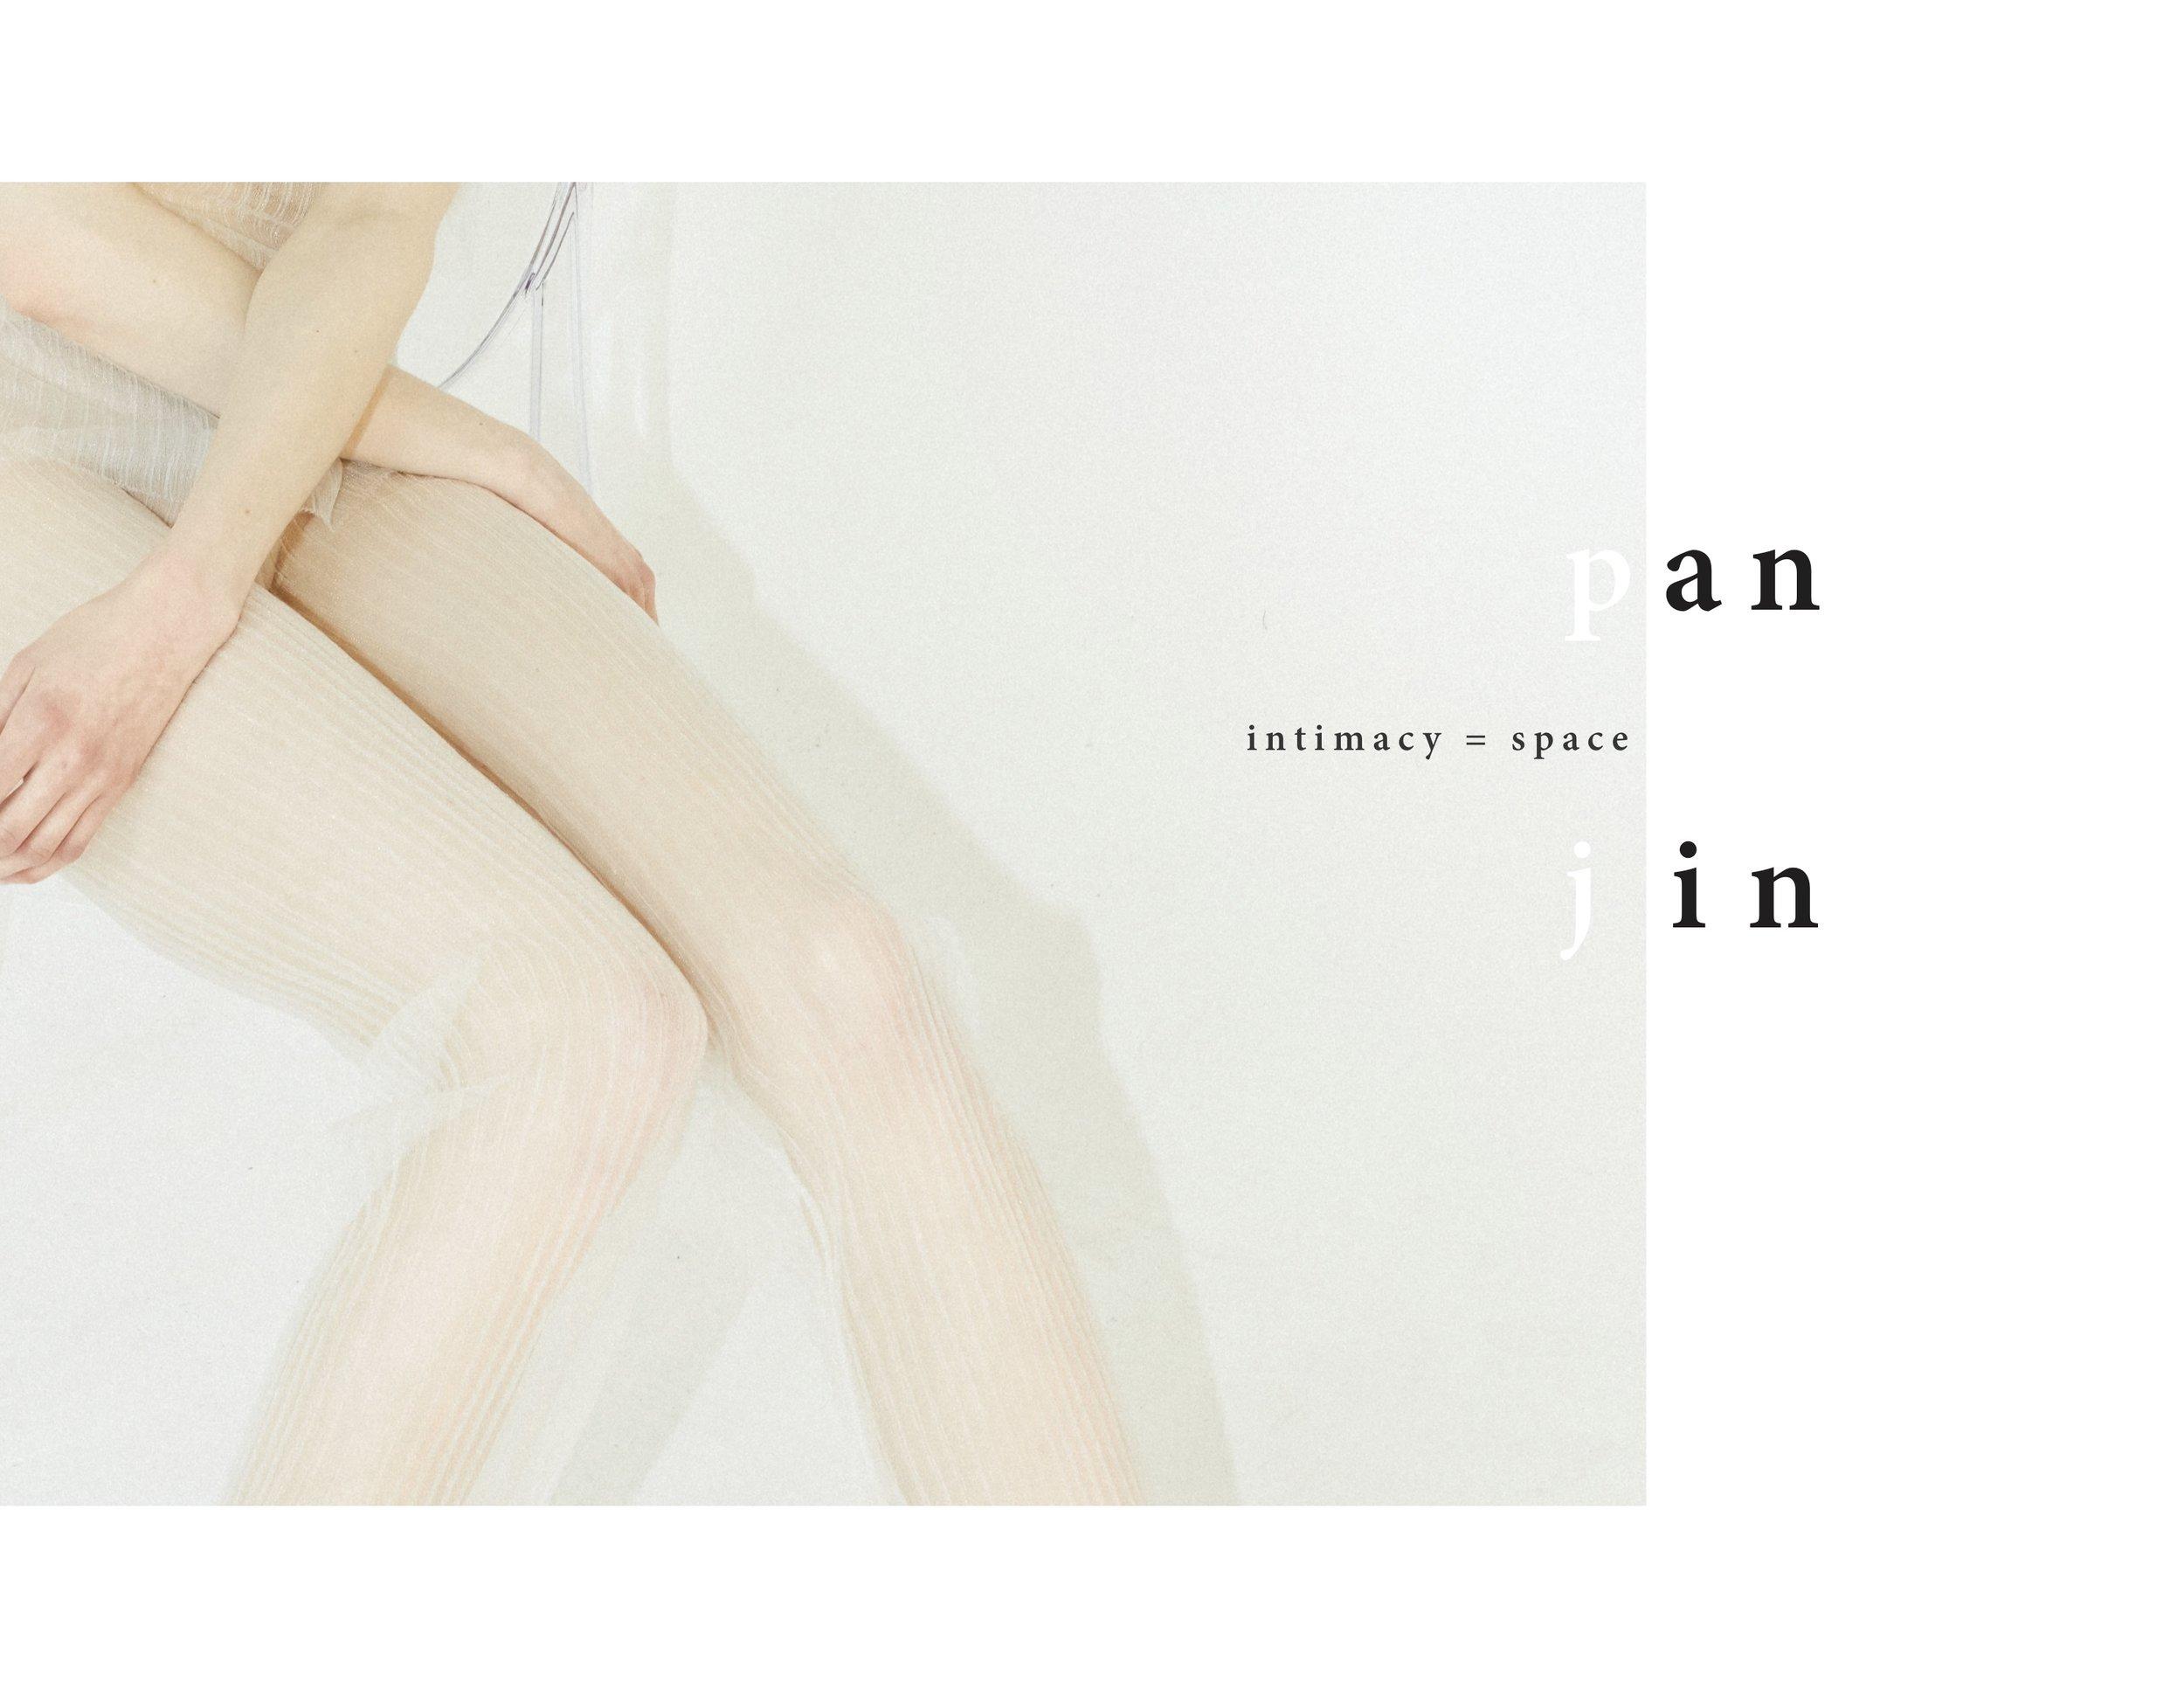 Pan Jin lookbook1.jpg